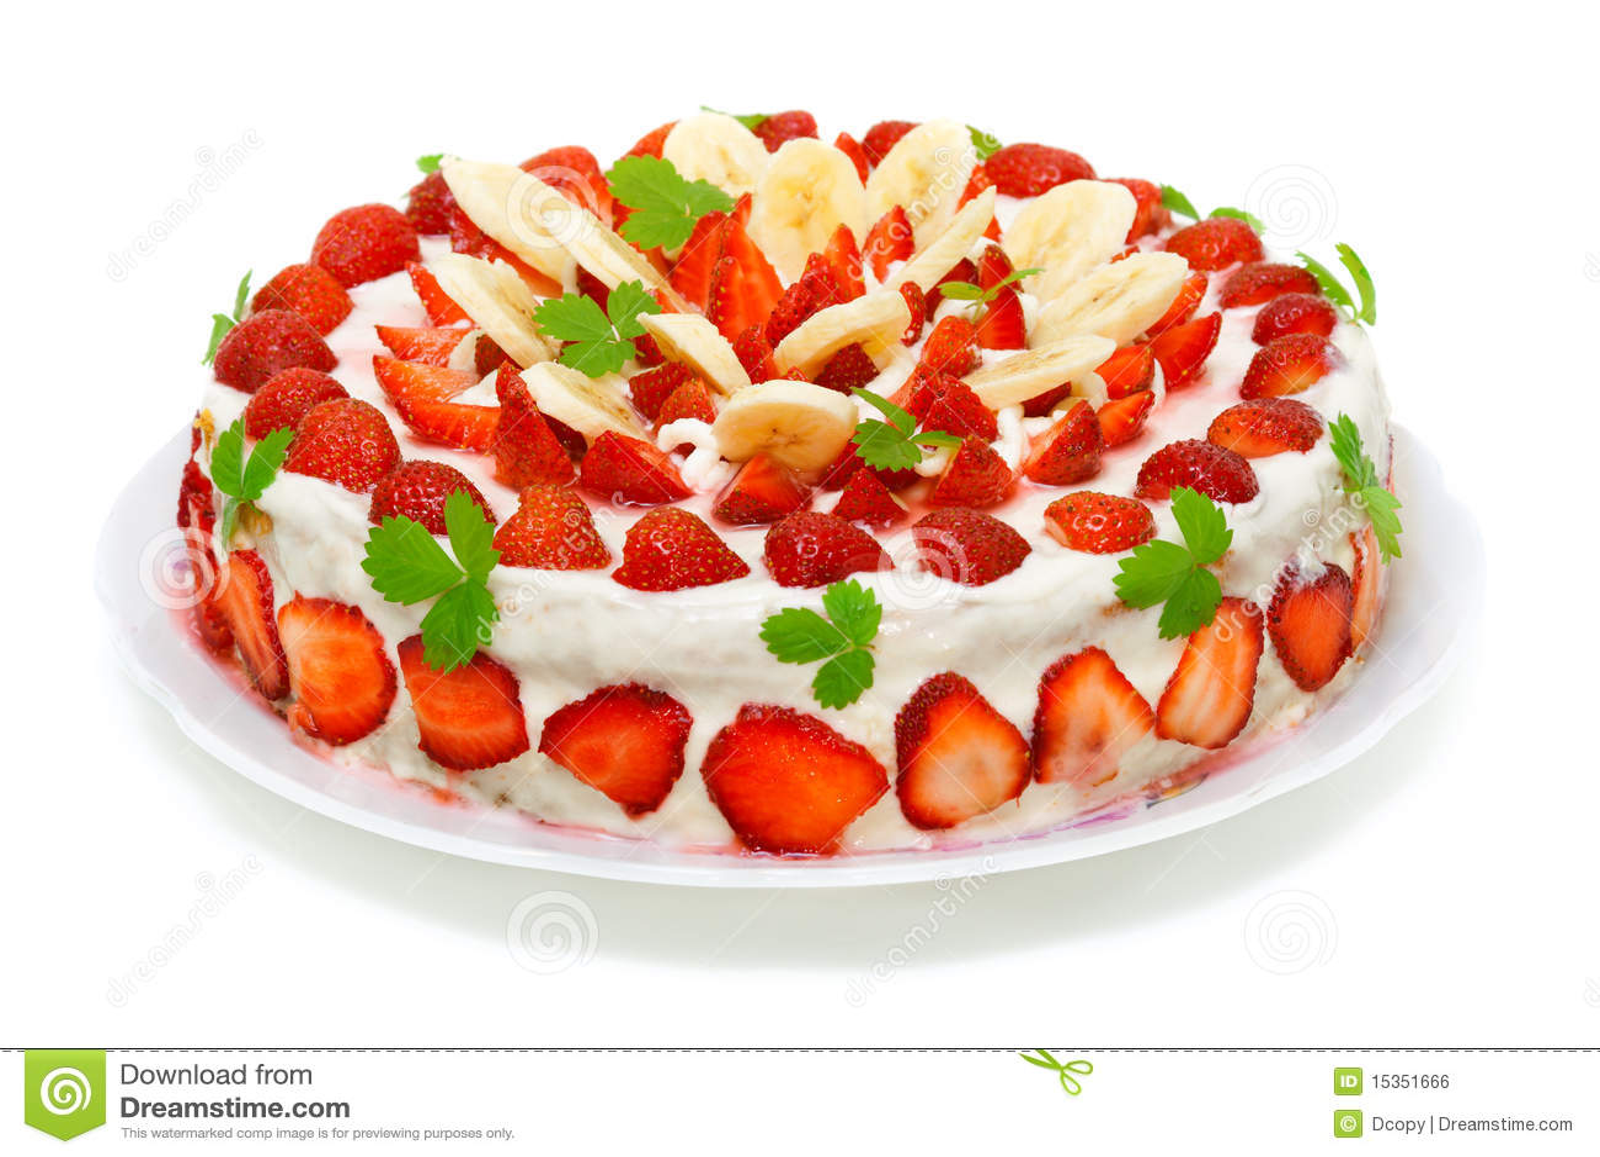 Banana Birthday Cake